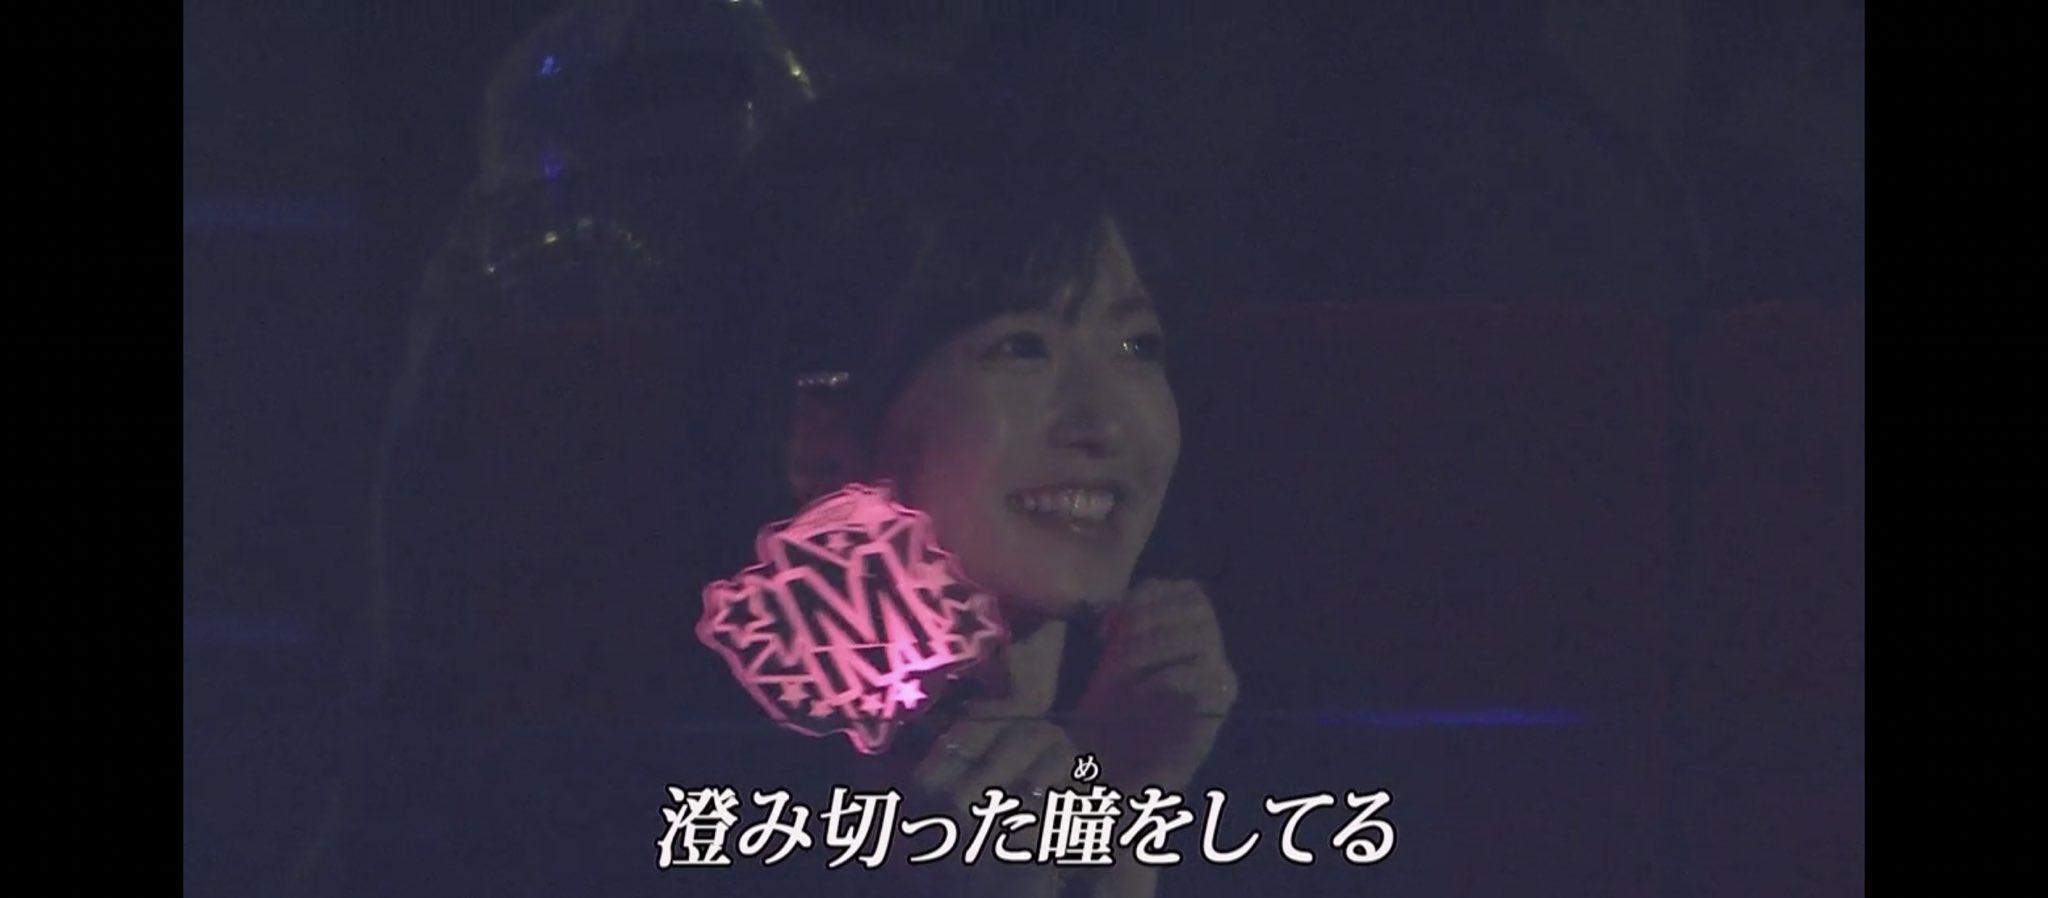 【太田夢莉卒業コンサート】須藤凜々花キタ━━━━━━(゚∀゚)━━━━━━!!